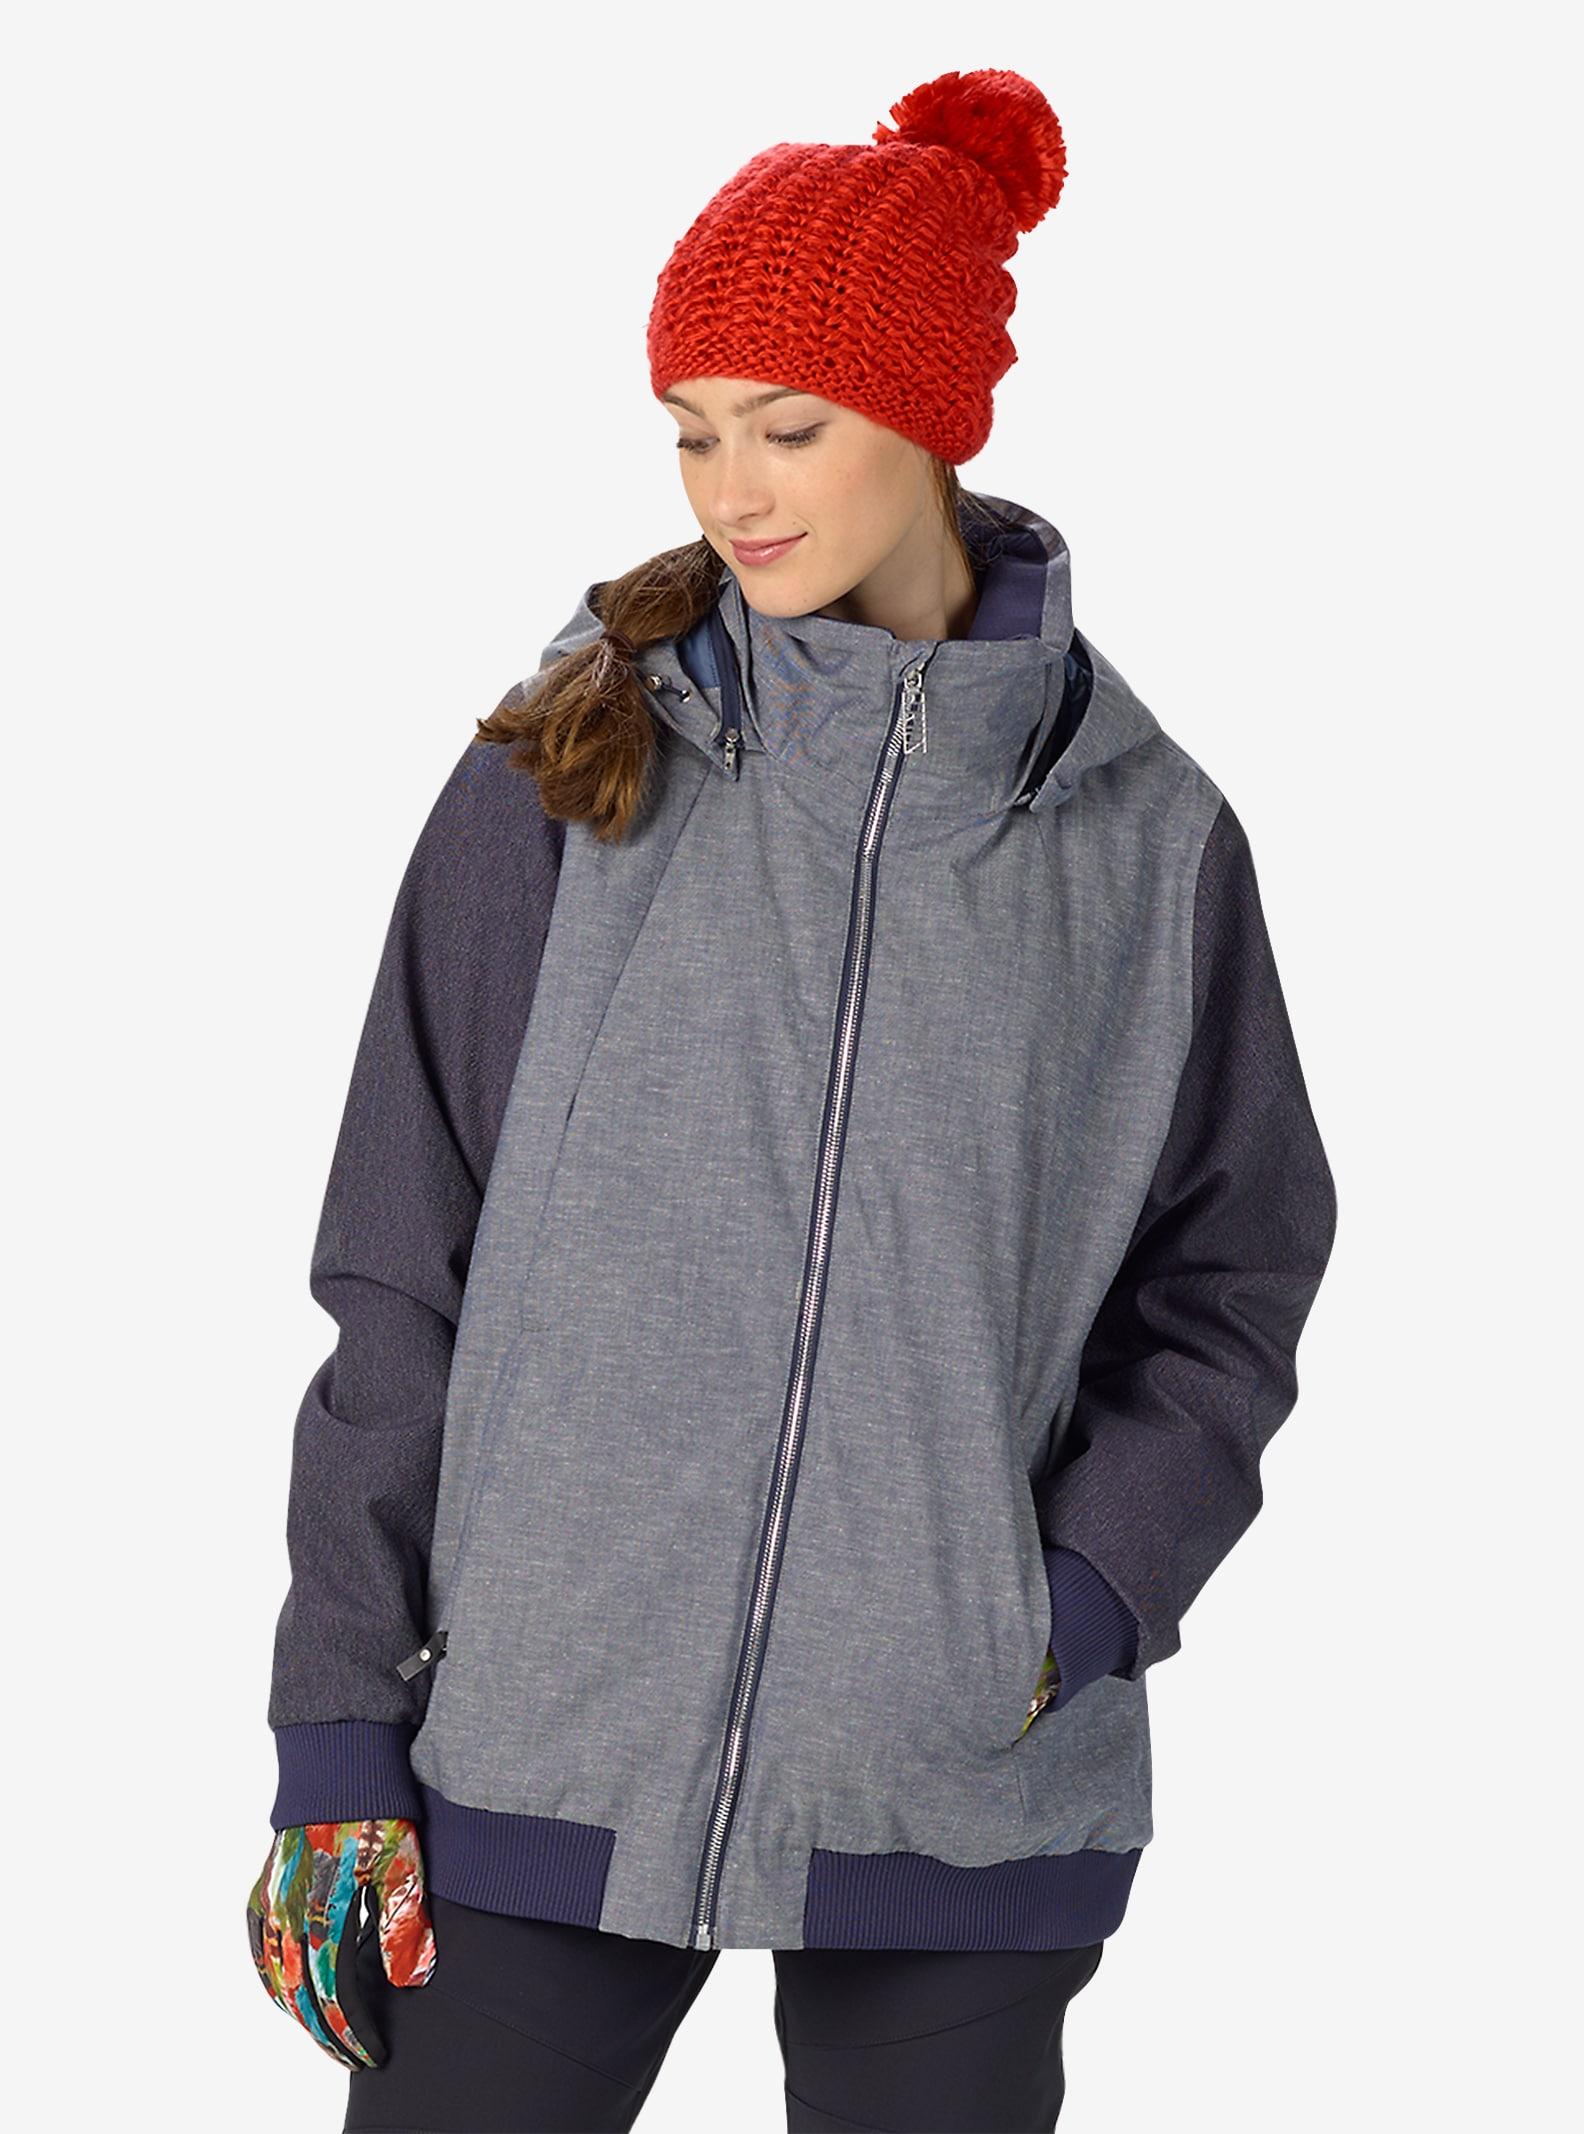 Burton Stella Jacket shown in Chambray / Denim